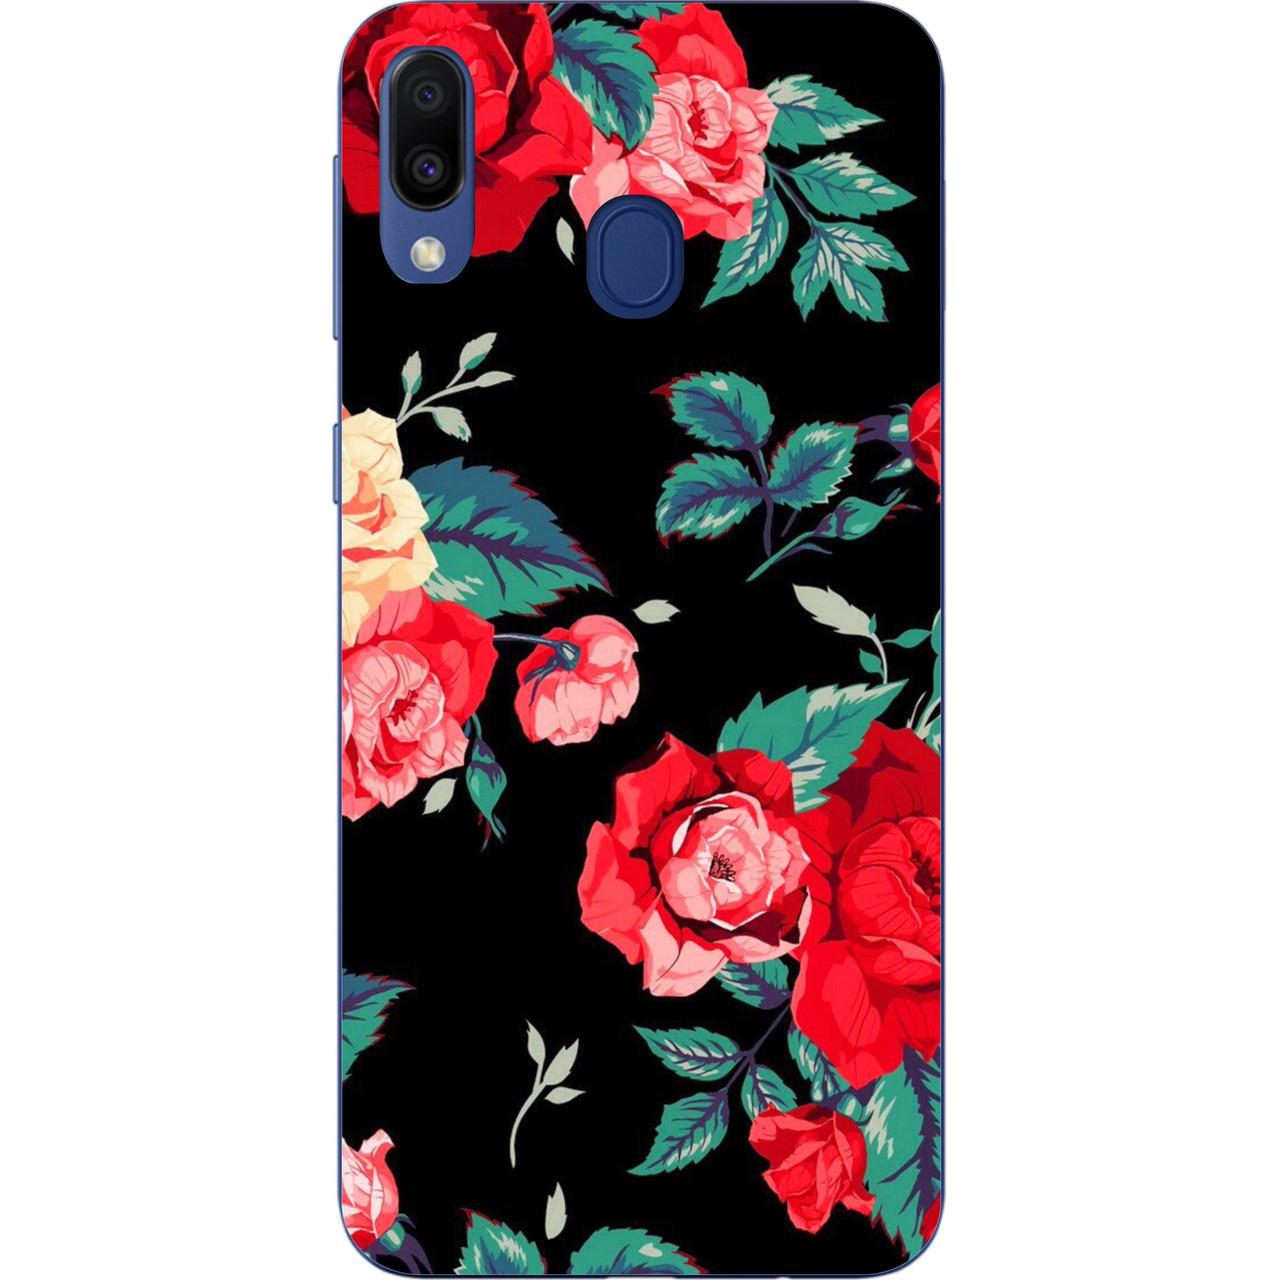 Силиконовый TPU чехол для Samsung Galaxy M20 с картинкой Розы на черном фоне